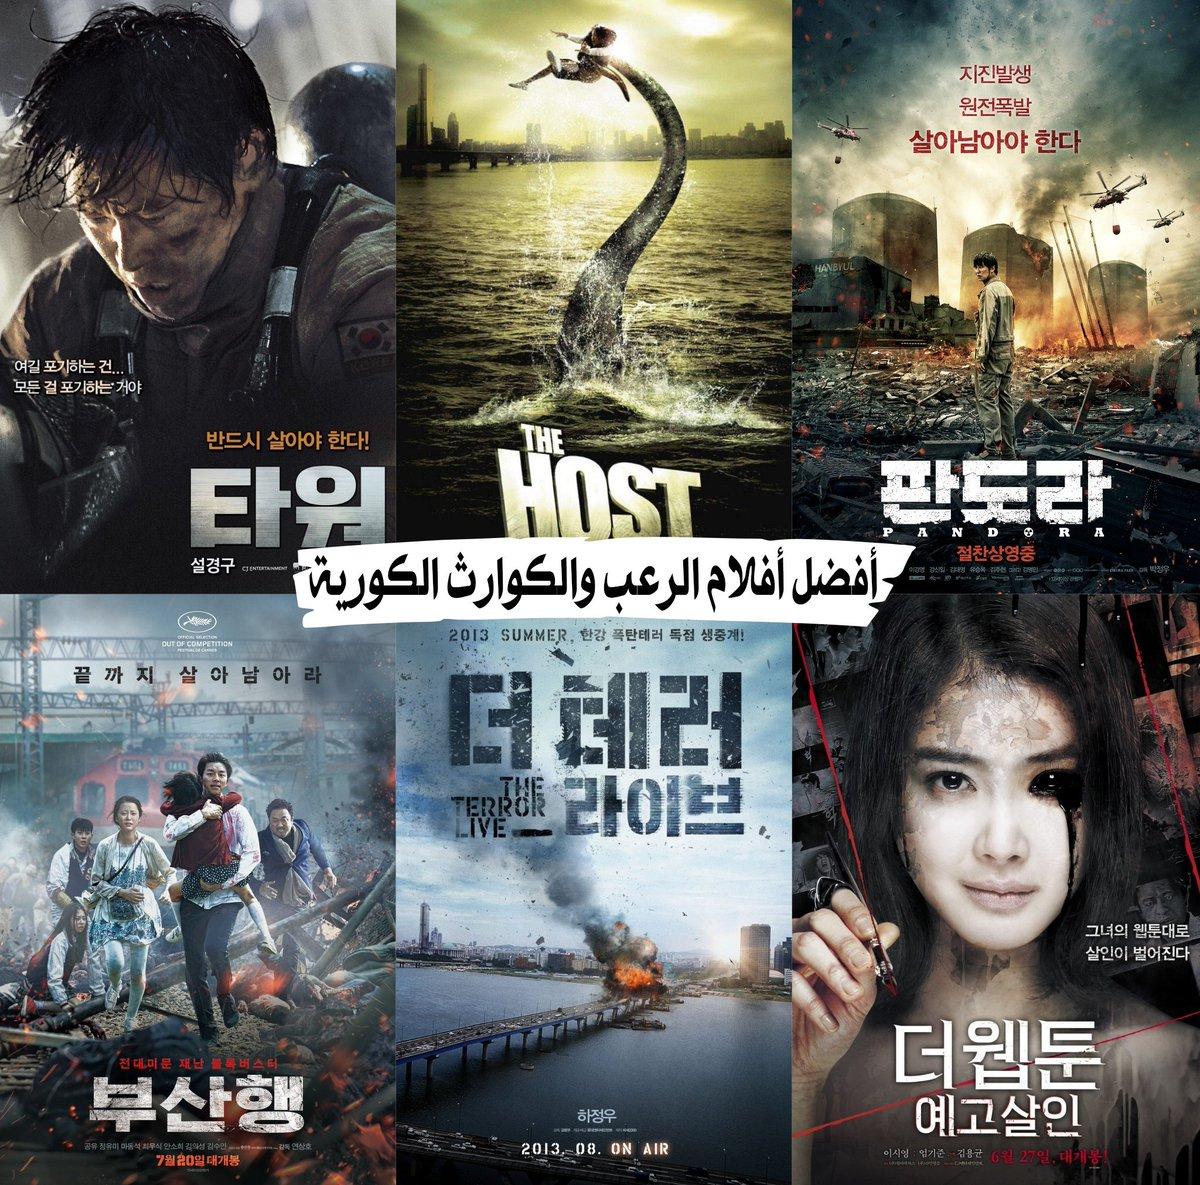 السينما الكورية Auf Twitter أفضل أفلام الر عب و الكوارث الكورية قائمة م تجددة